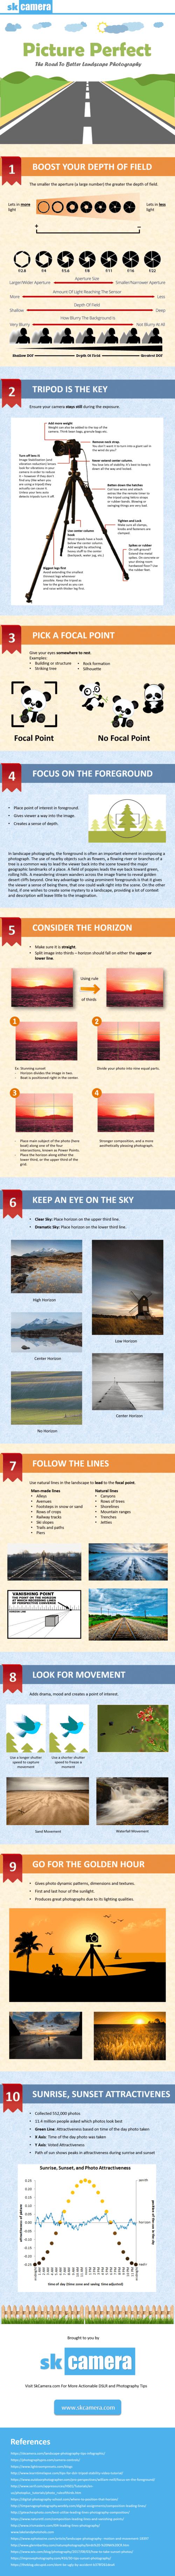 10 Landscape Photography Tips by @Skcamera #landscape #photo... via FotoCrowd